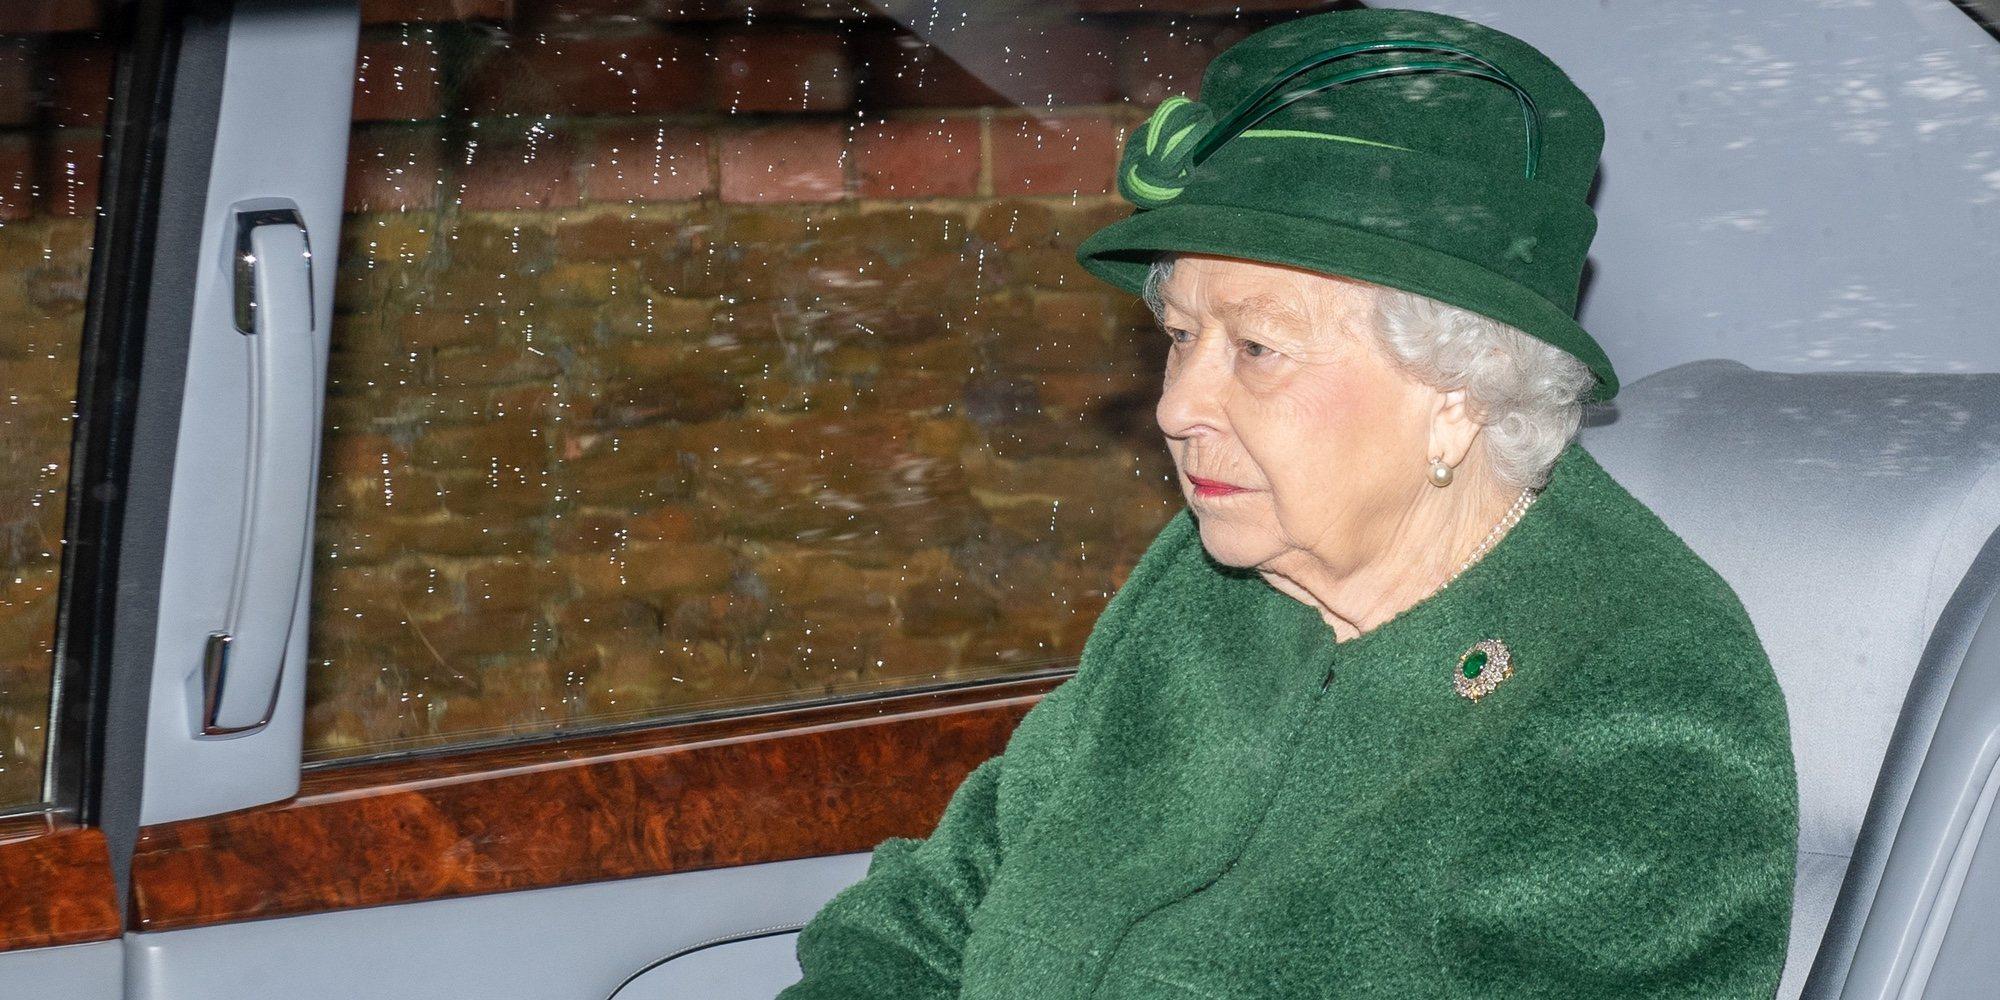 Un familiar de la Reina Isabel se enfrenta a una condena por un delito sexual